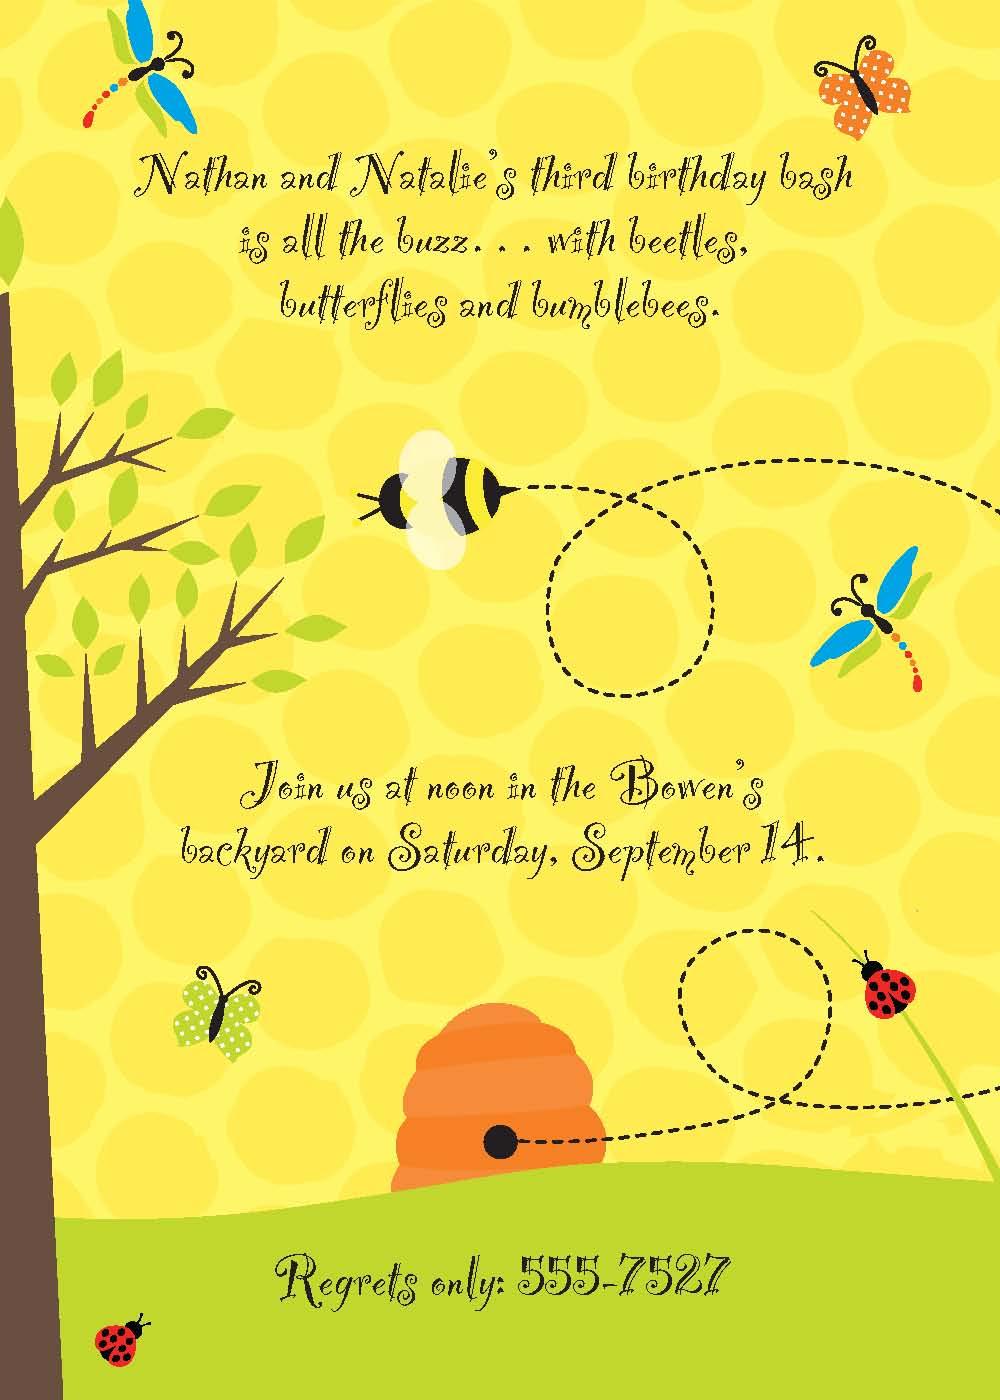 Thecelebrationshoppe bugsbutterflies